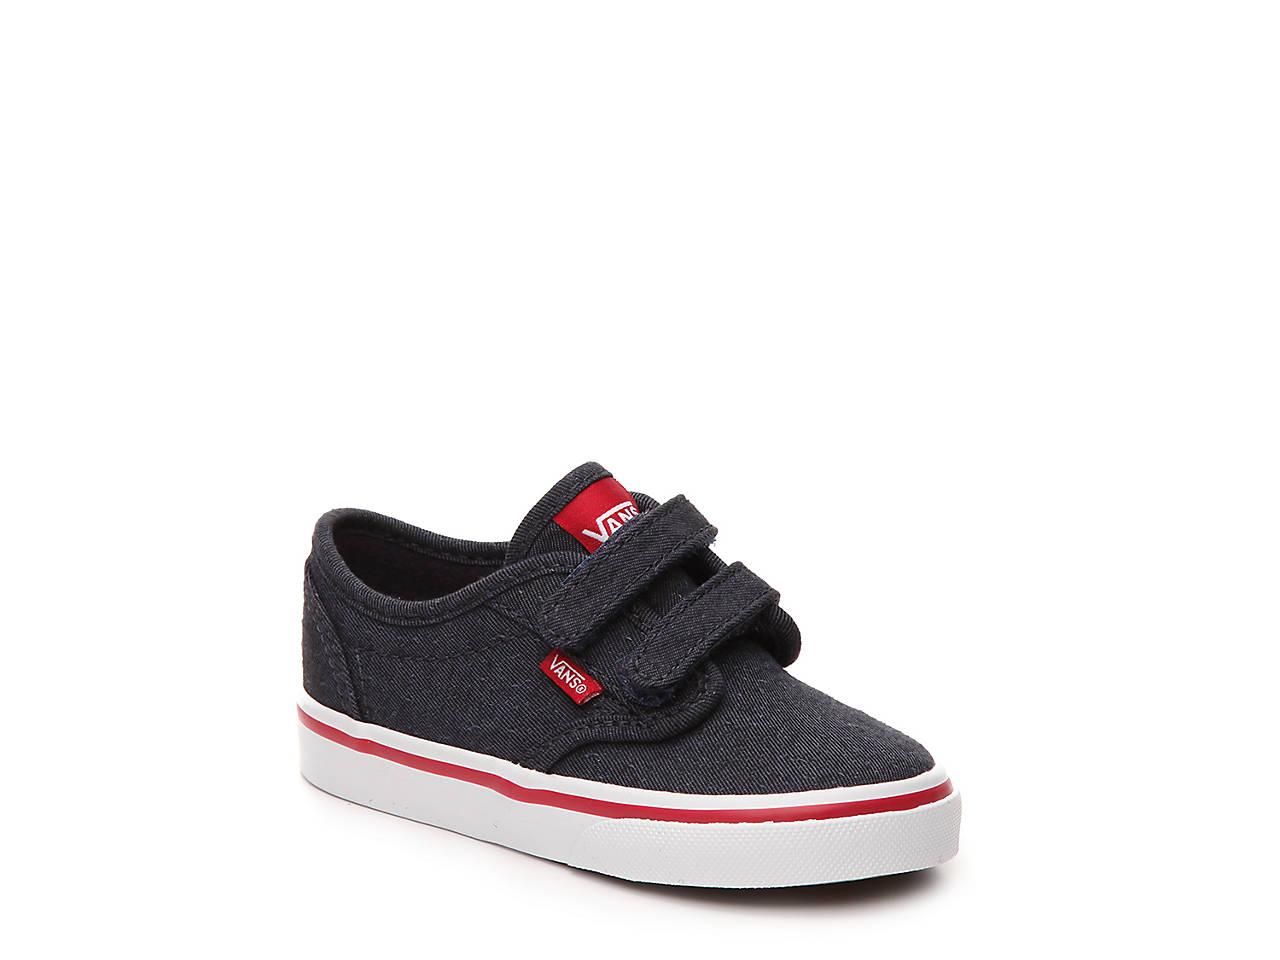 63c3ccf26b0 Vans Atwood V Infant   Toddler Sneaker Kids Shoes